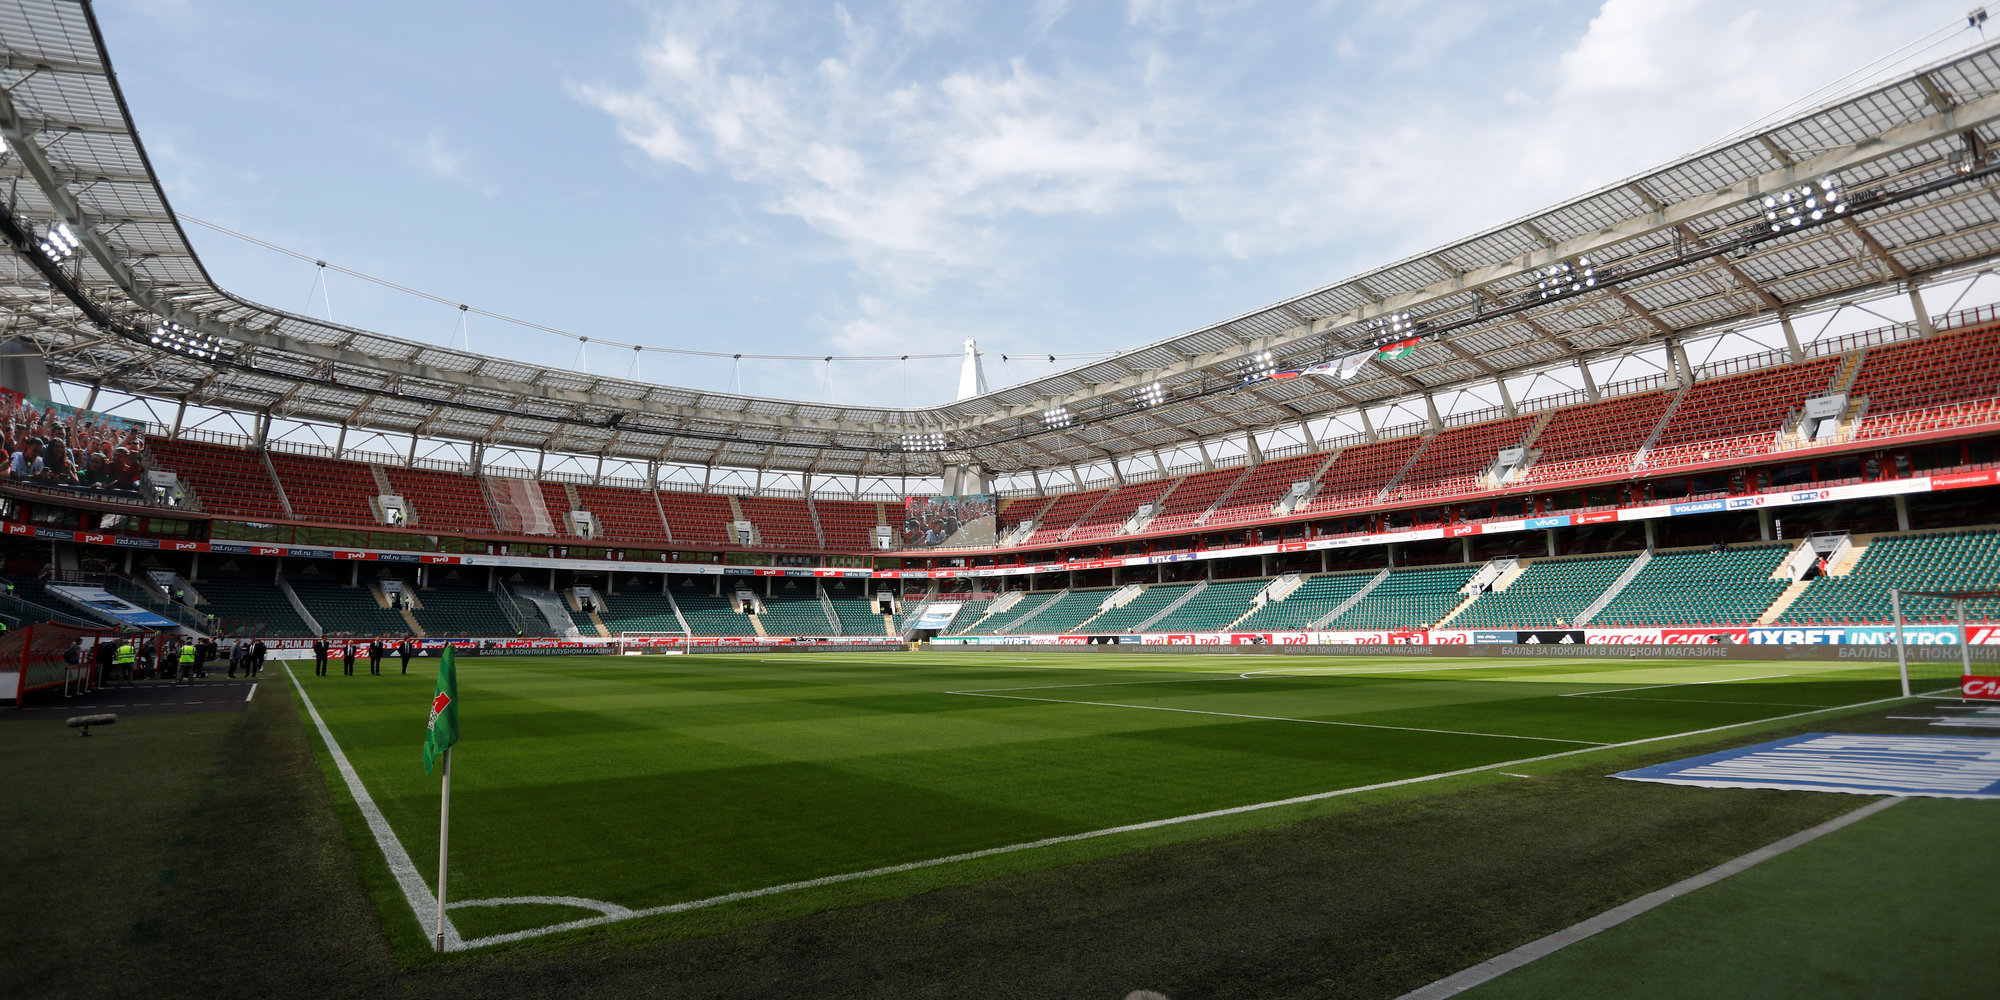 Ювентус любительское видео со стадиона